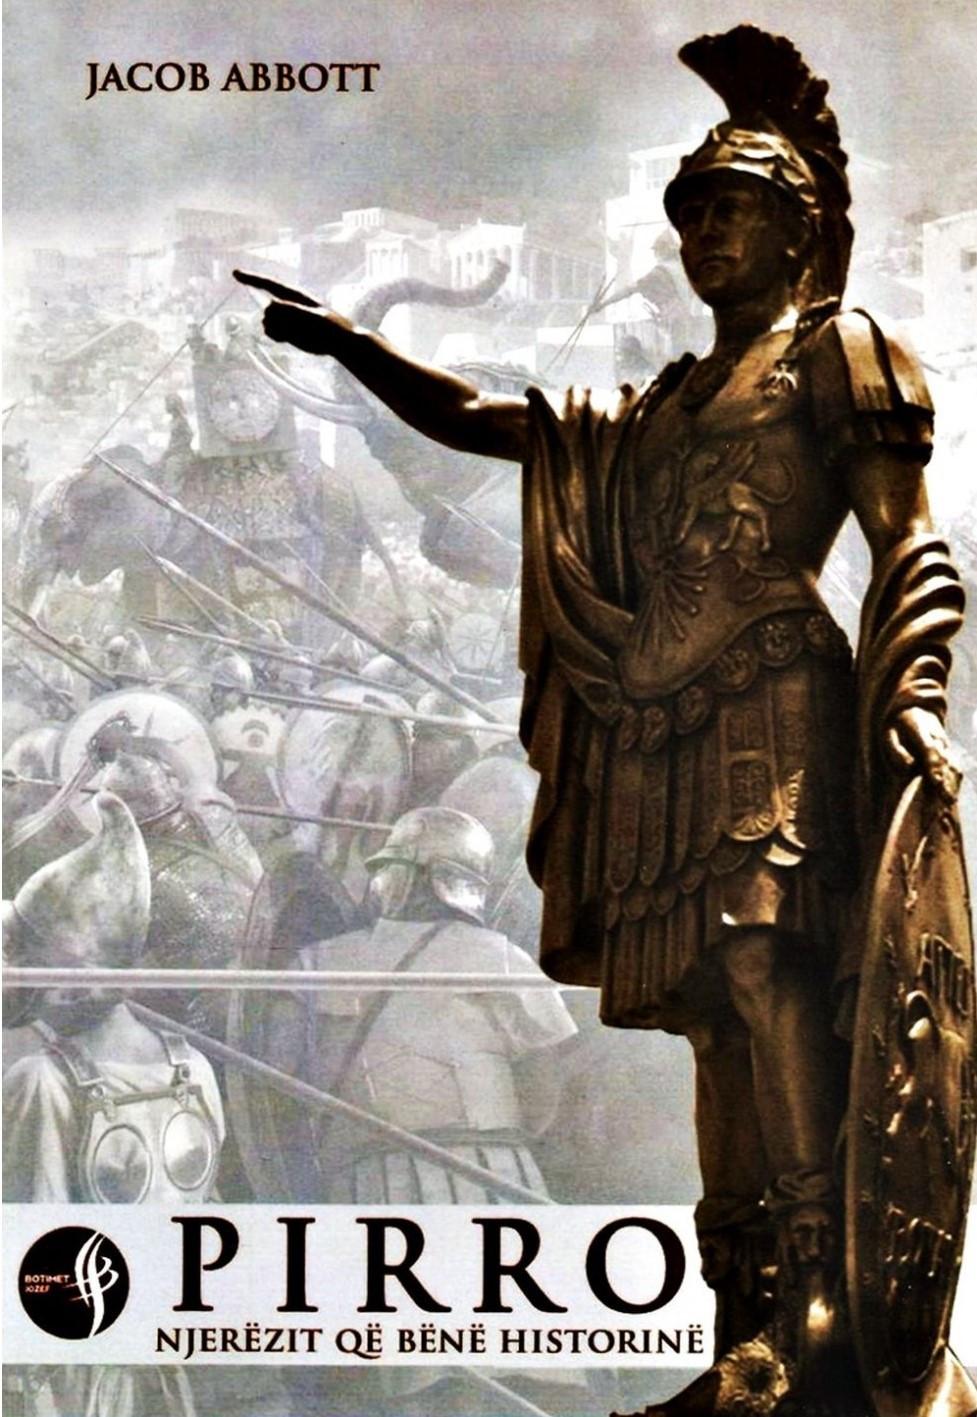 Pirro – njerezit qe bene historine